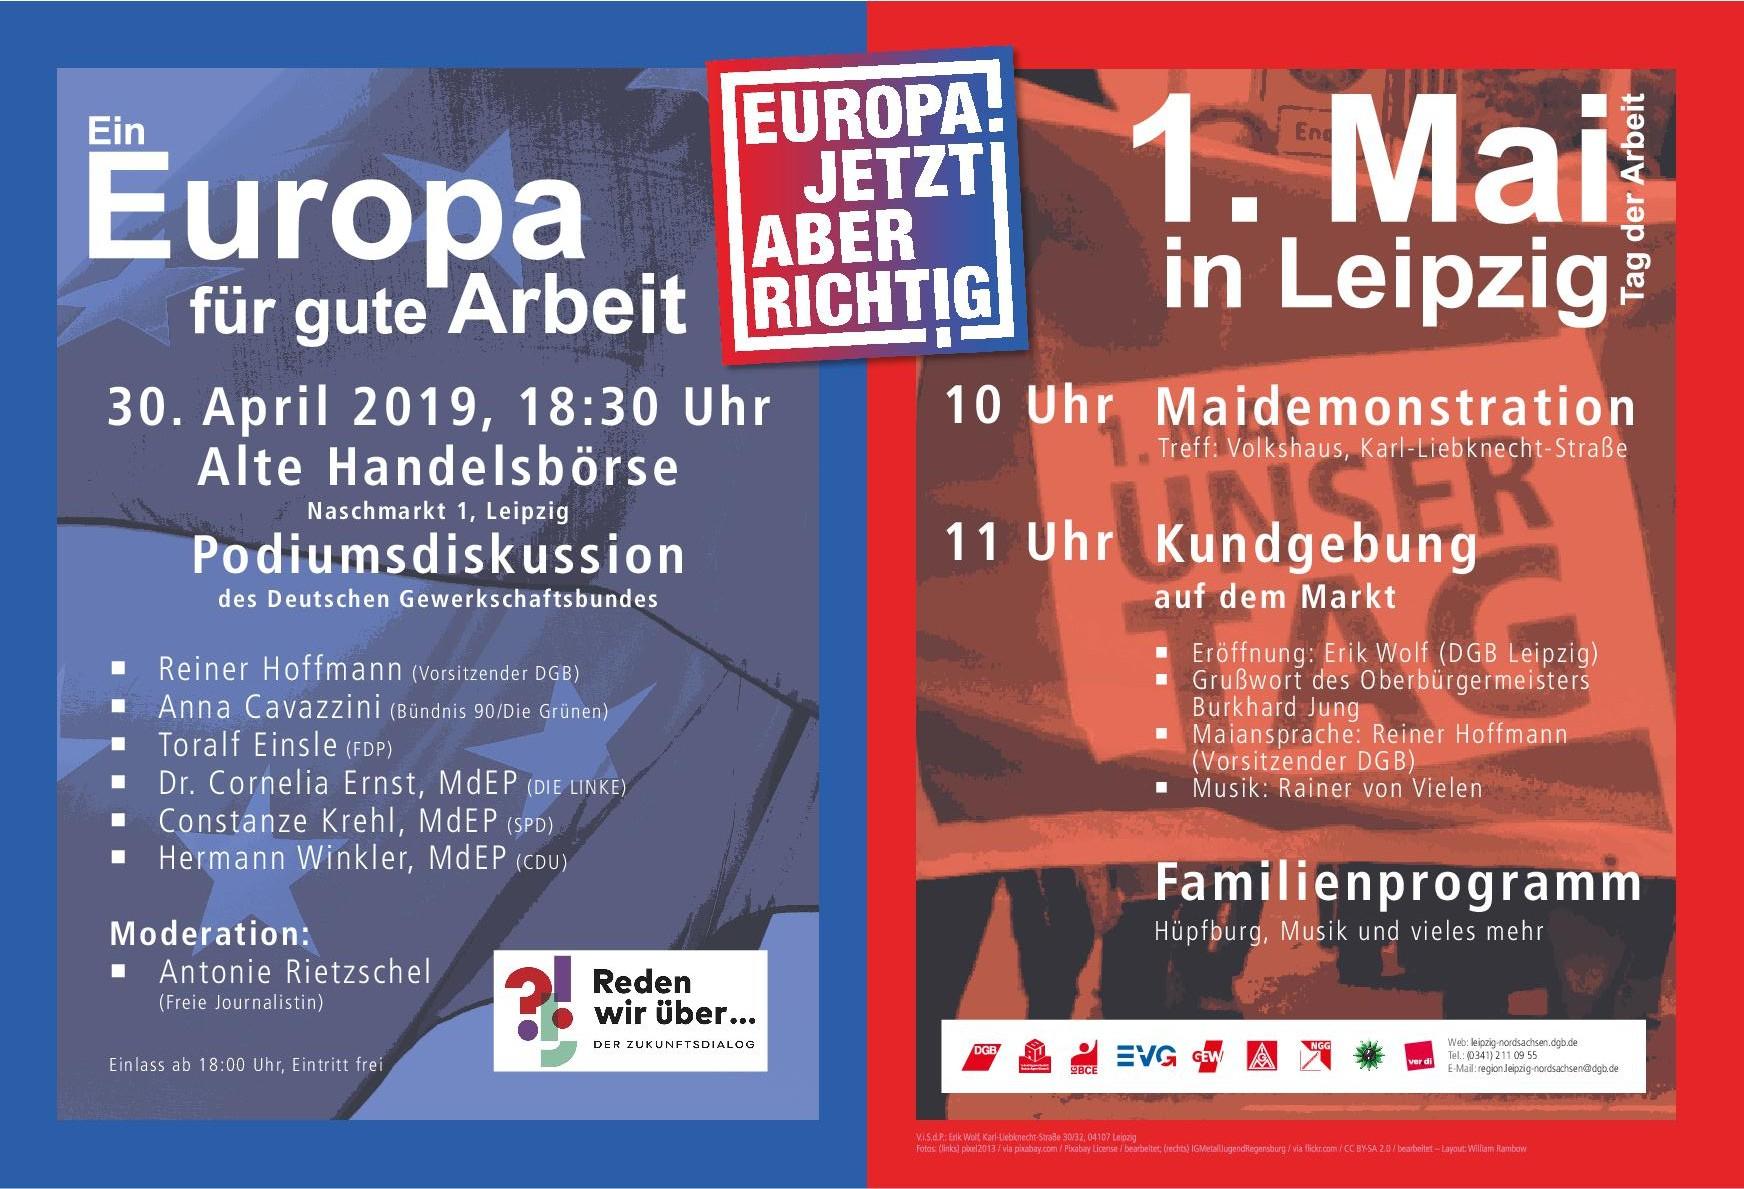 Podiumsdiskussion zur Europawahl am 30. April 2019 um 18:30 in der alten Handelsbörse in Leipzig. Demonstration zum 1. Mai um 10 Uhr am Volkshaus in Leipzig. Kundgebung zum 1. Mai in Leipzig um 11 Uhr auf dem Markt.